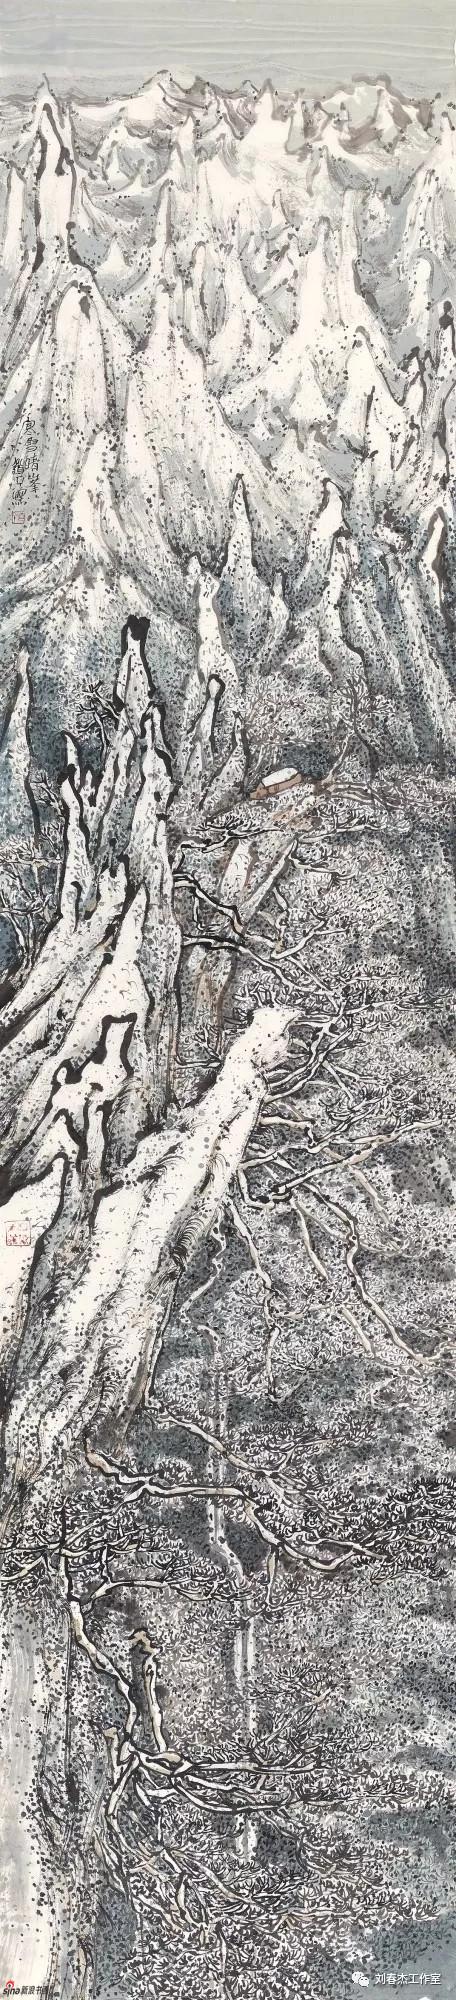 寒雪晴峰 丨232cm×53cm丨2018年